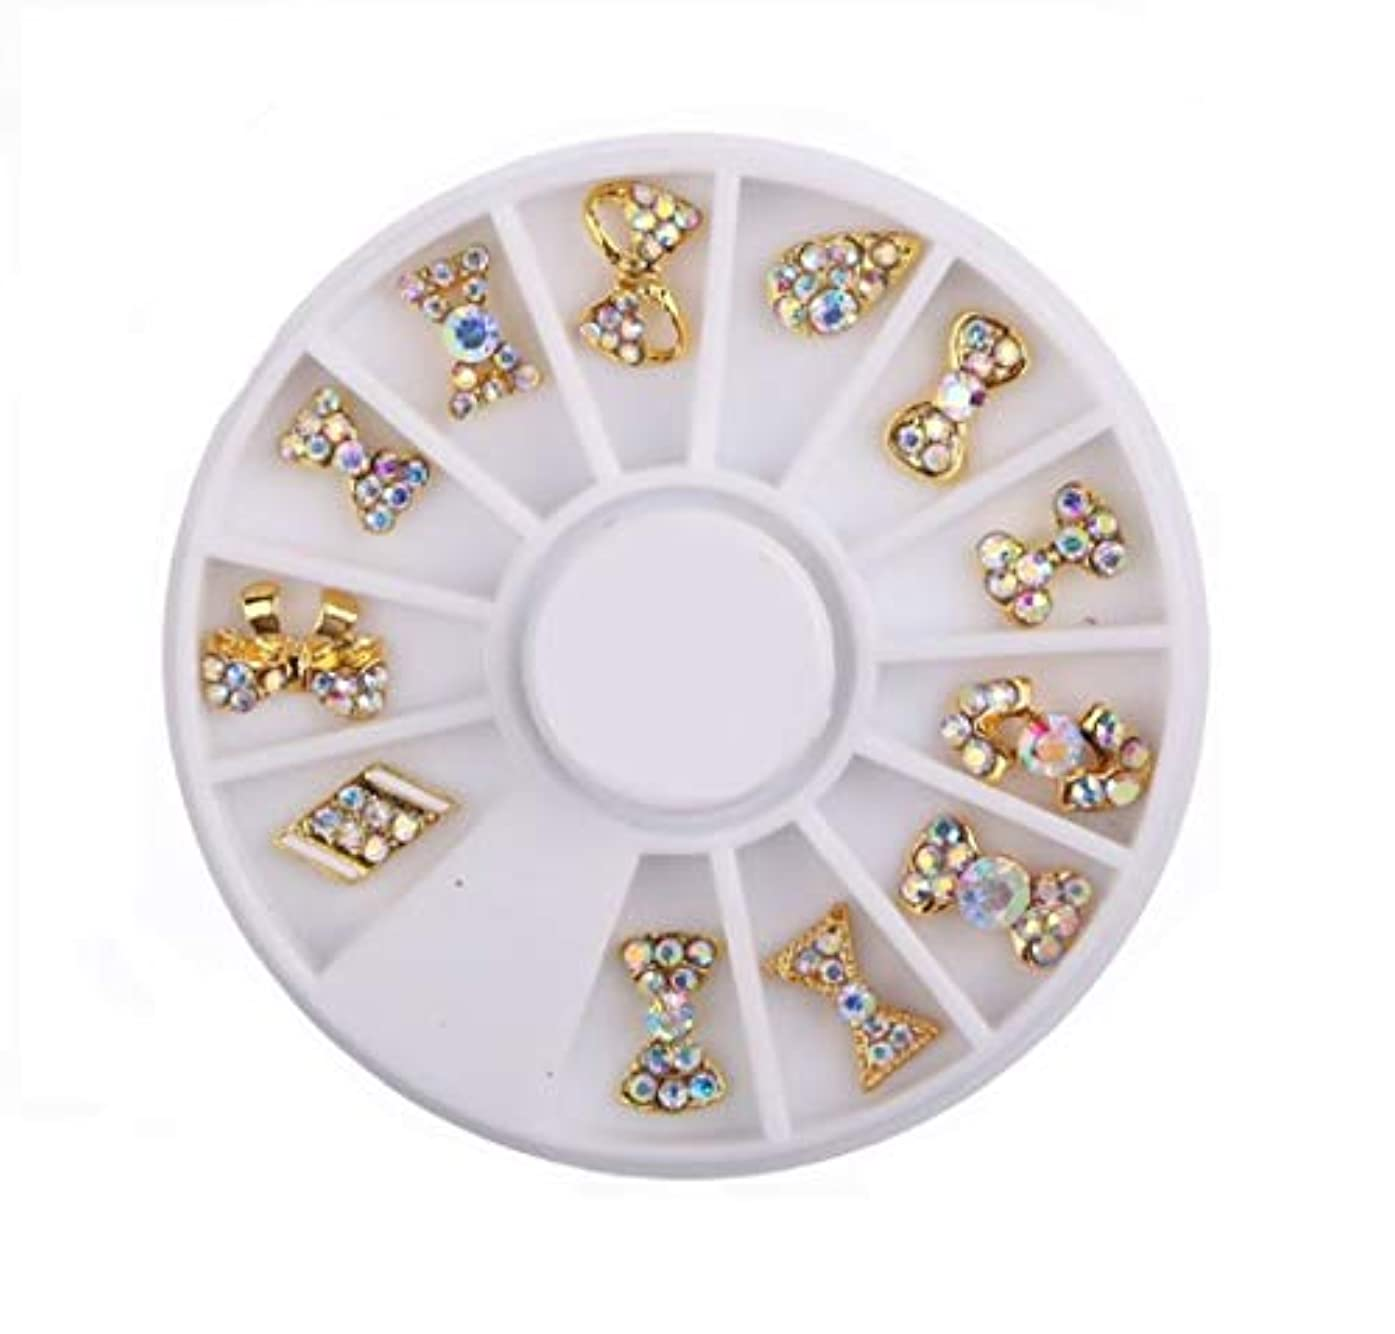 クレデンシャル宝石証明するネイルパーツ ネイルジュエリー リボンミックス ネイルデザイン 3D デコ 材料 QT-012 (ゴールド)